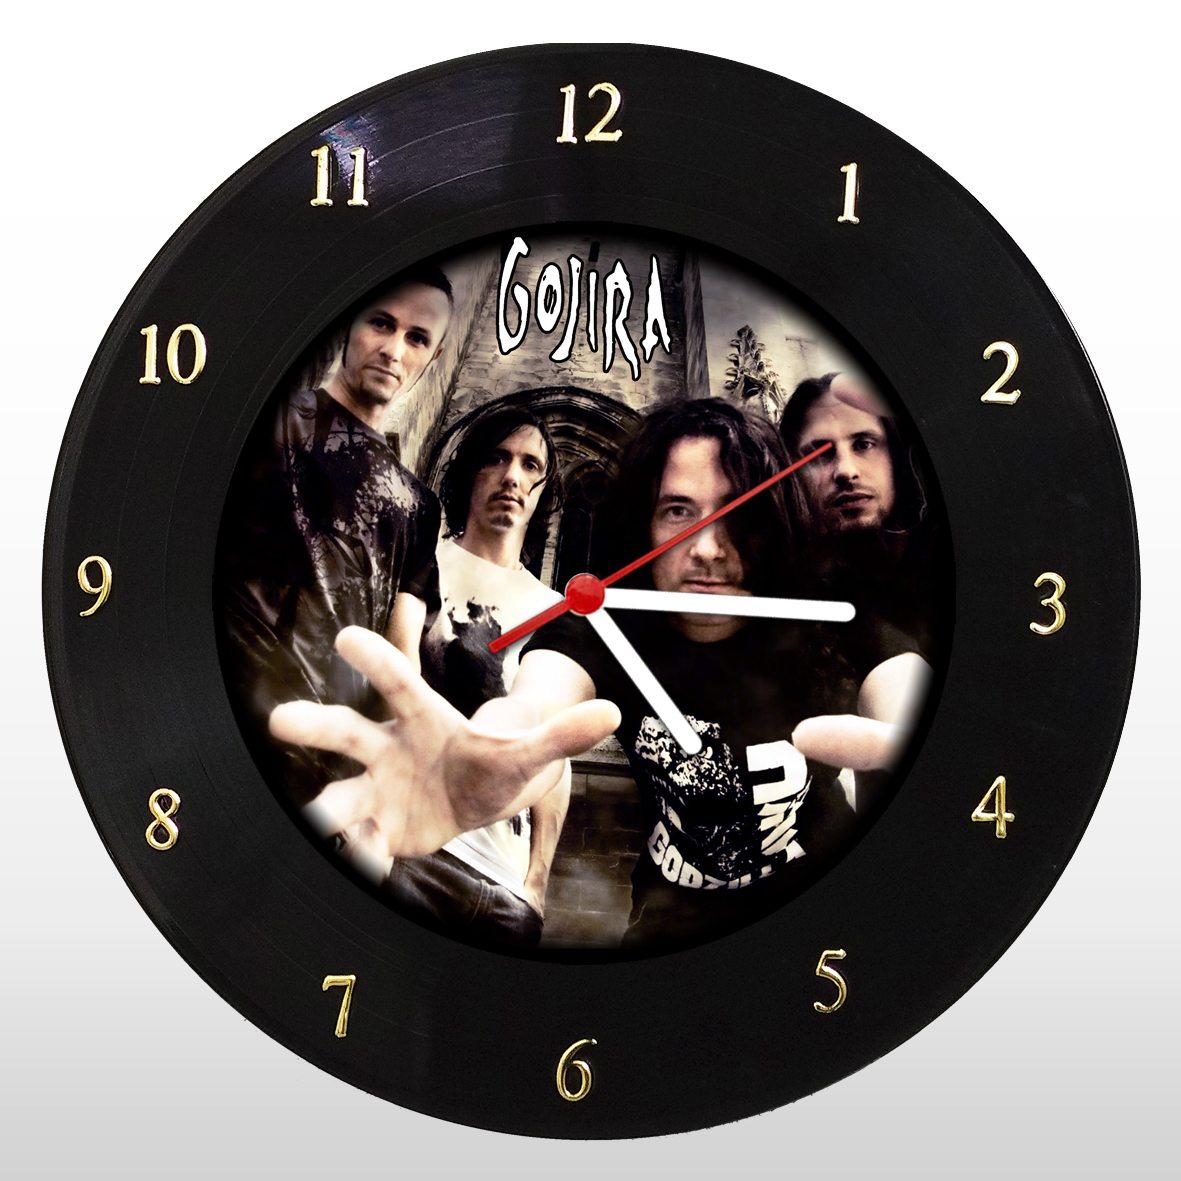 Gojira - Relógio de Parede em Disco de Vinil - Mr. Rock